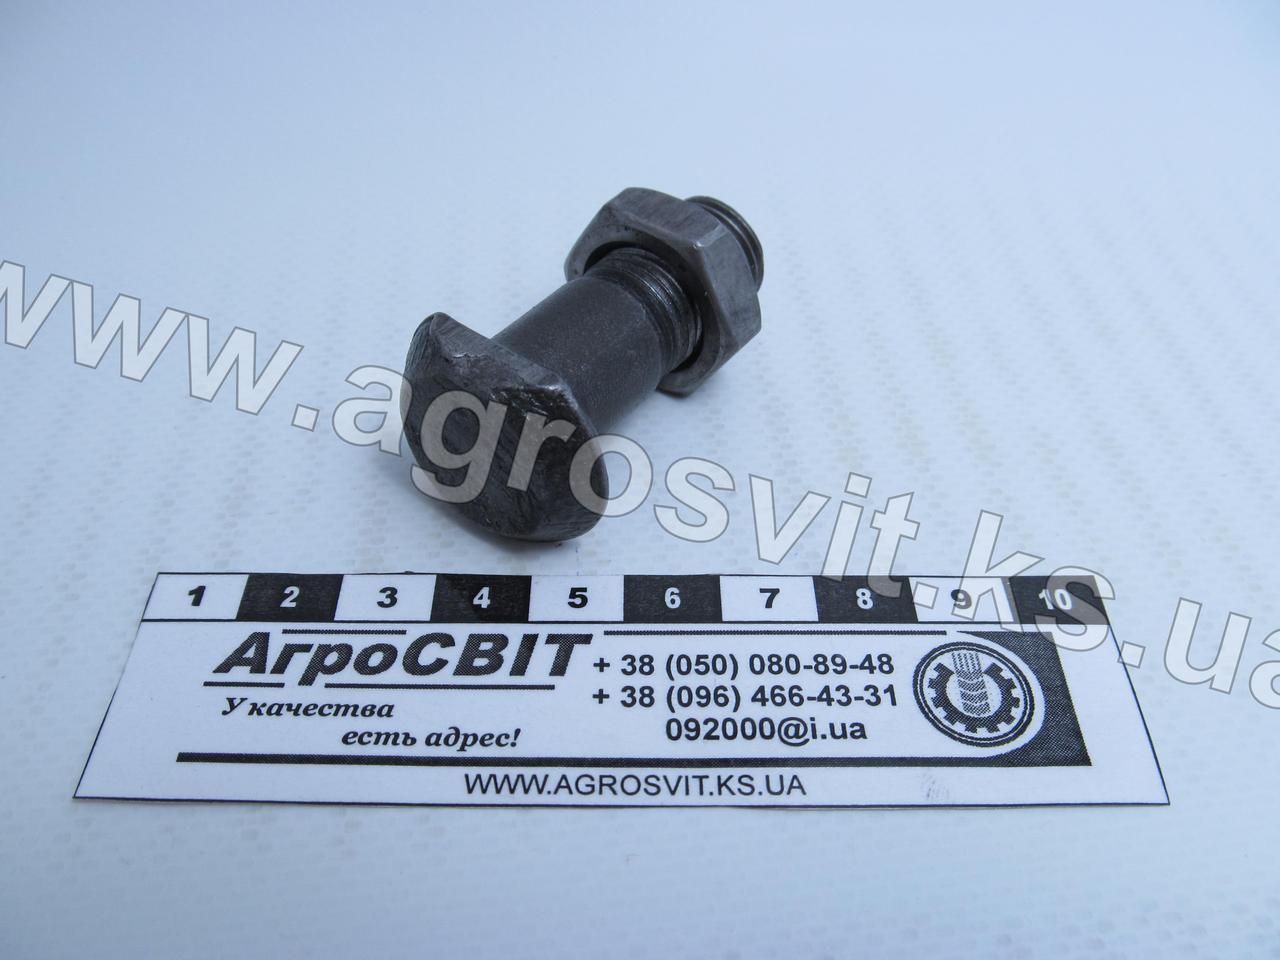 Болт карданного вала Т-150 (короткий)  с гайкой, каталожный № 125.36.113-1